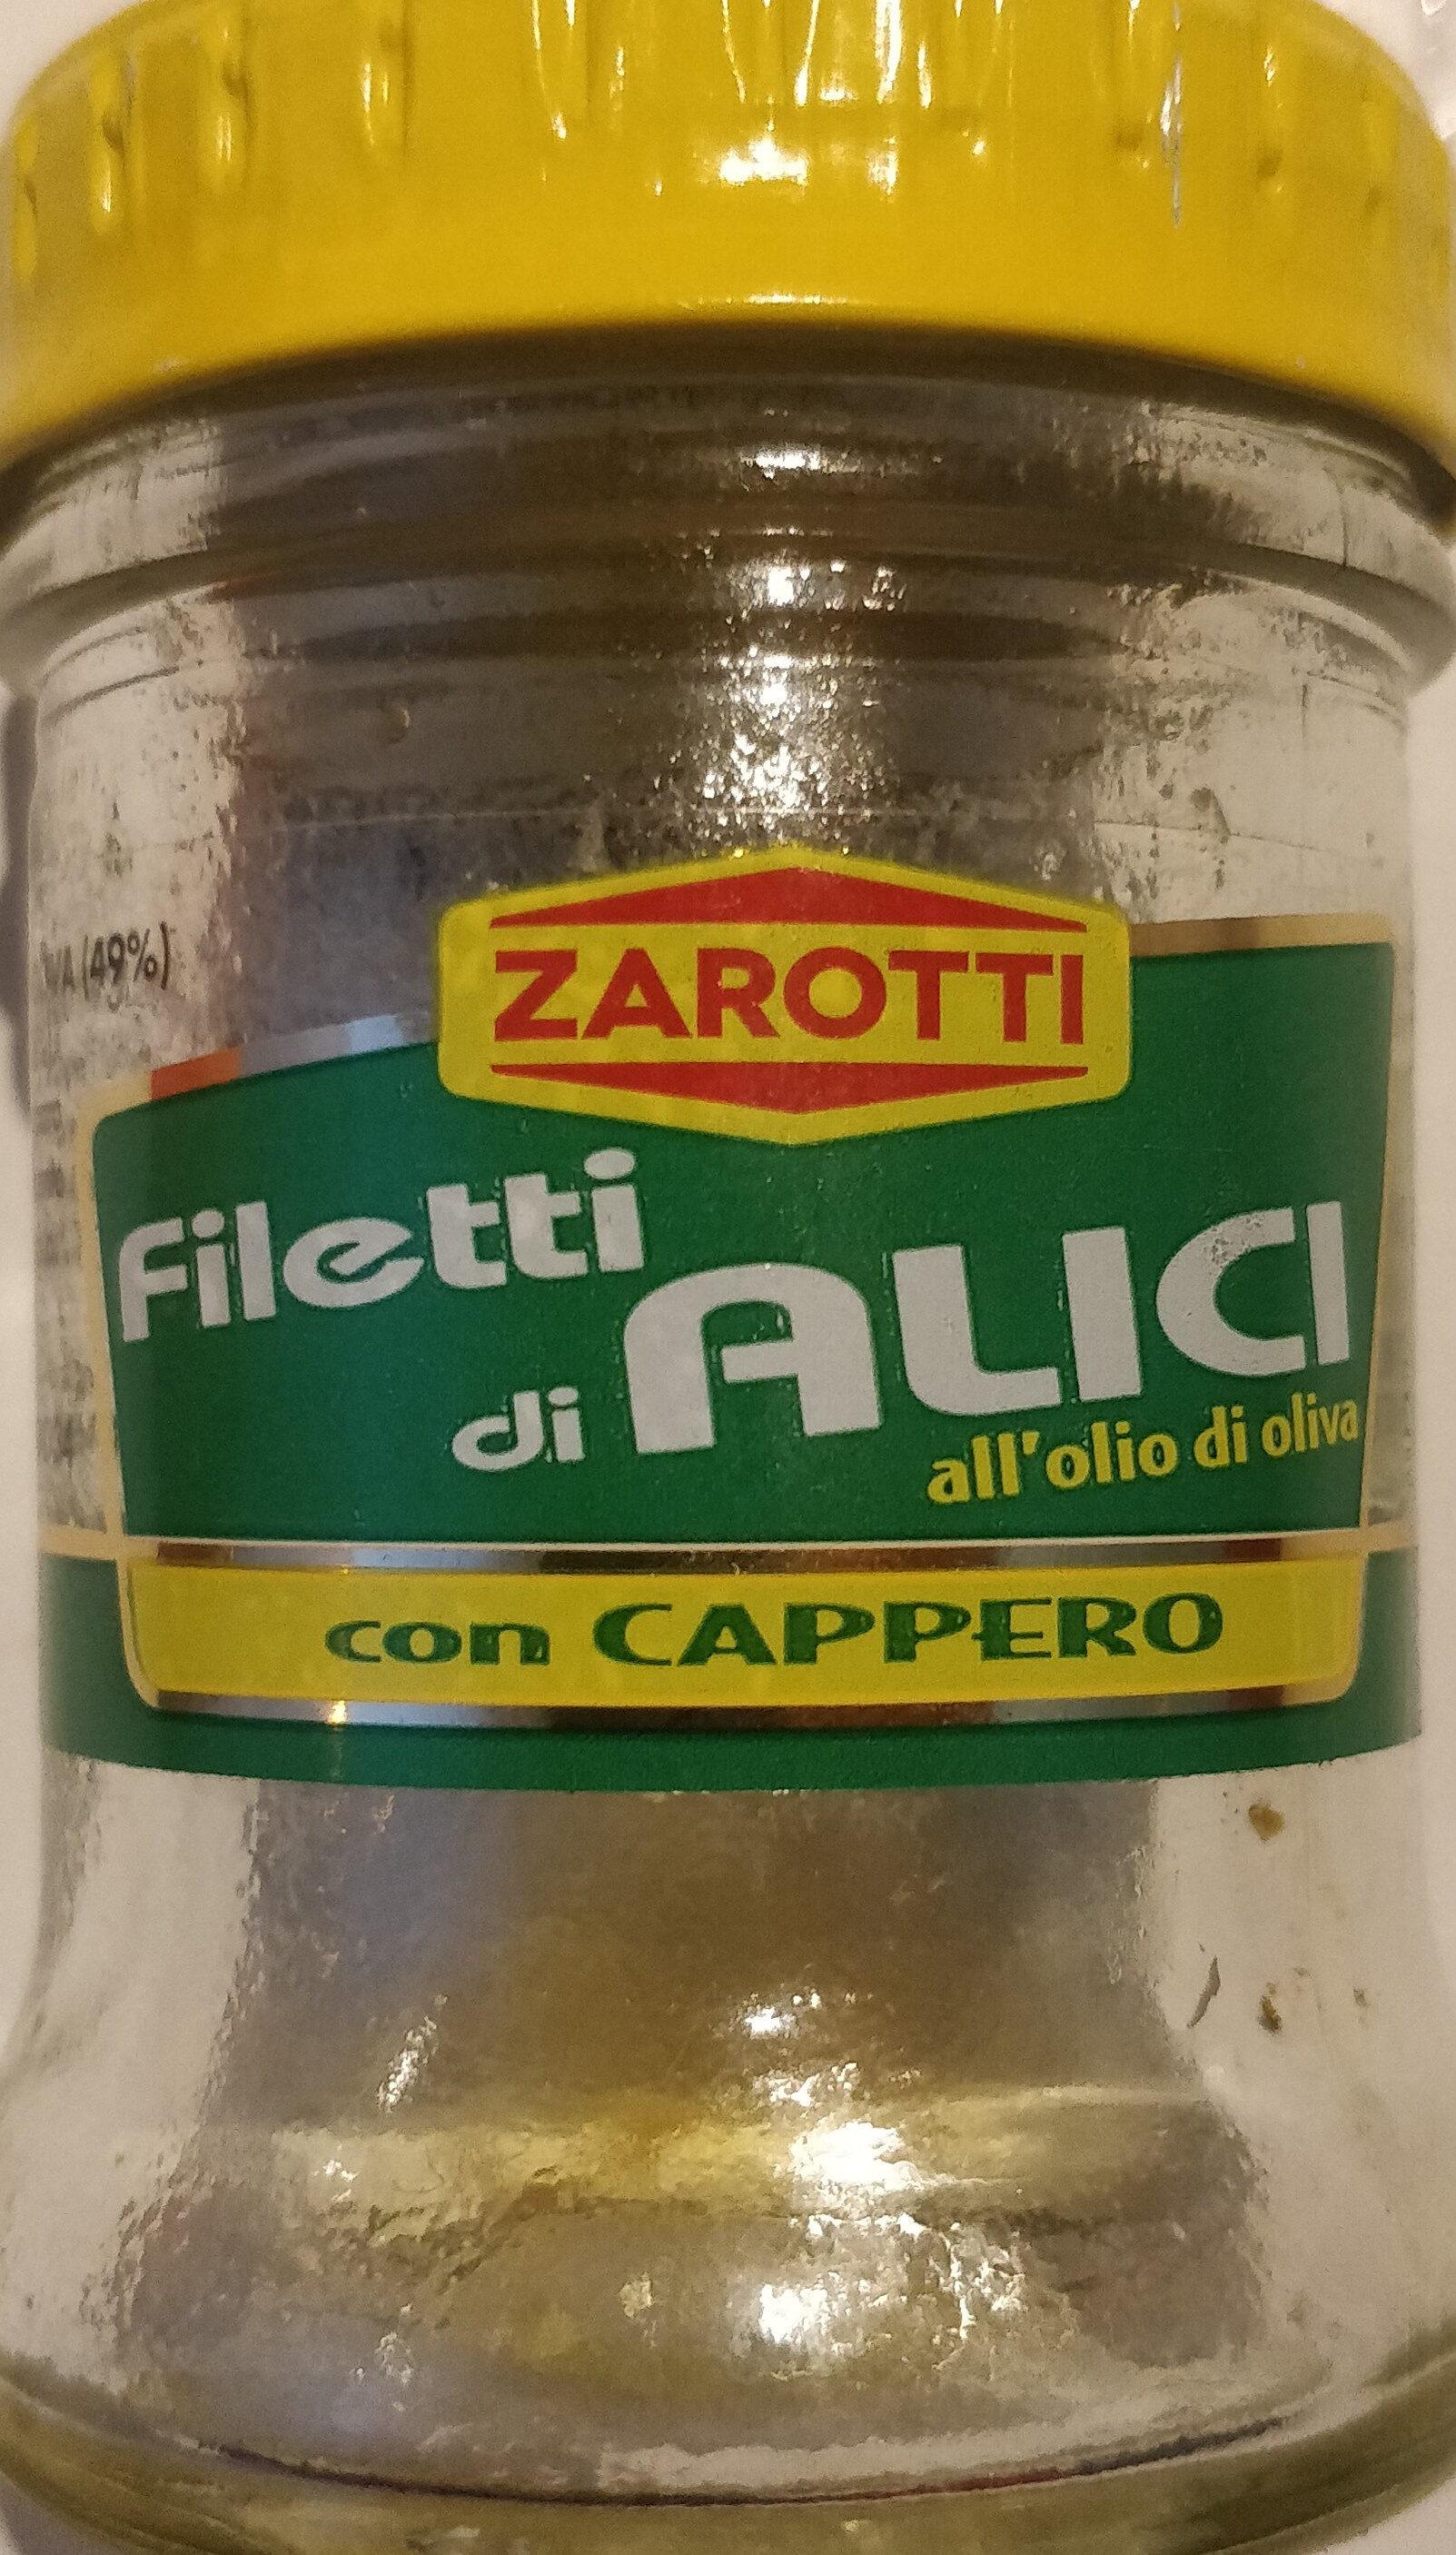 filetti di alici all'olio di oliva - Produit - it